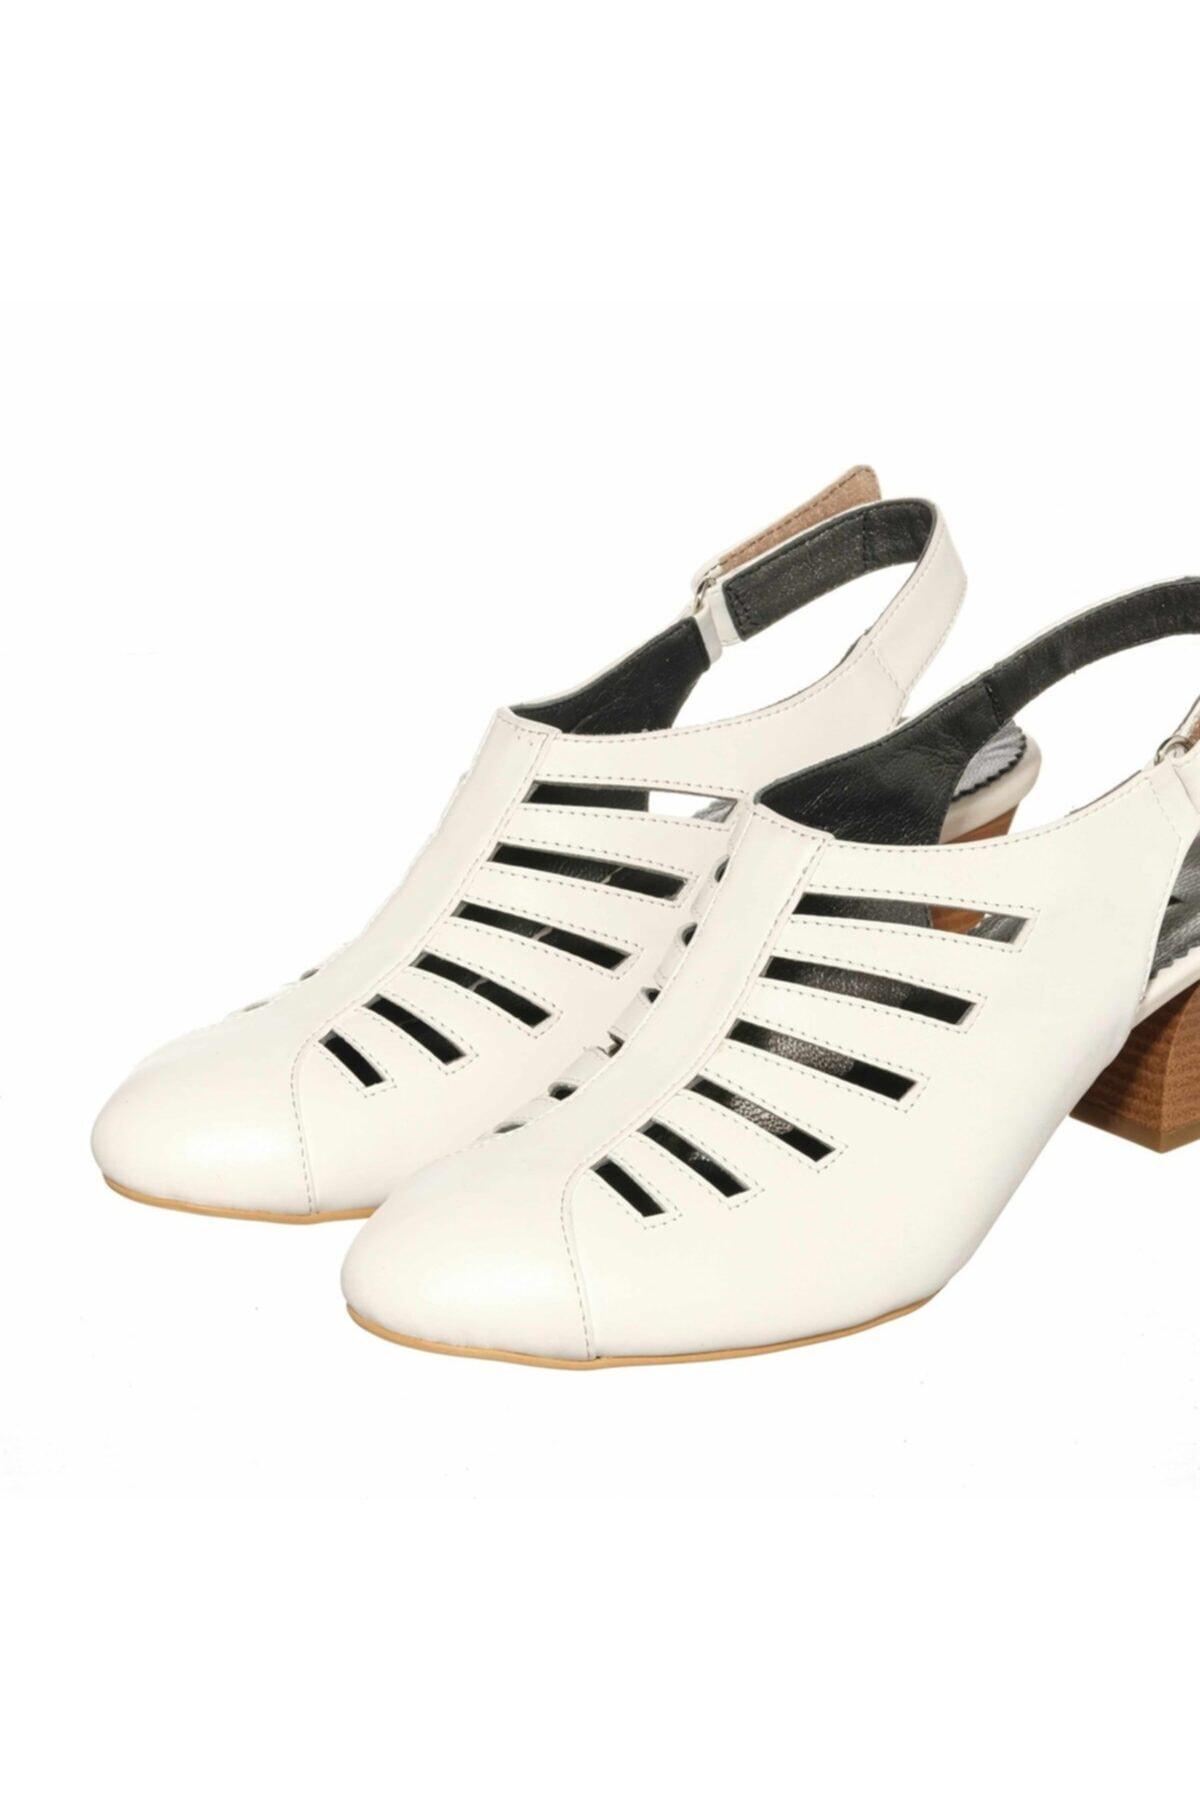 İriadam Kdr1841 Beyaz Büyük Numara Ayakkabı Özel Seri Rahat Kalıp Yeni Model